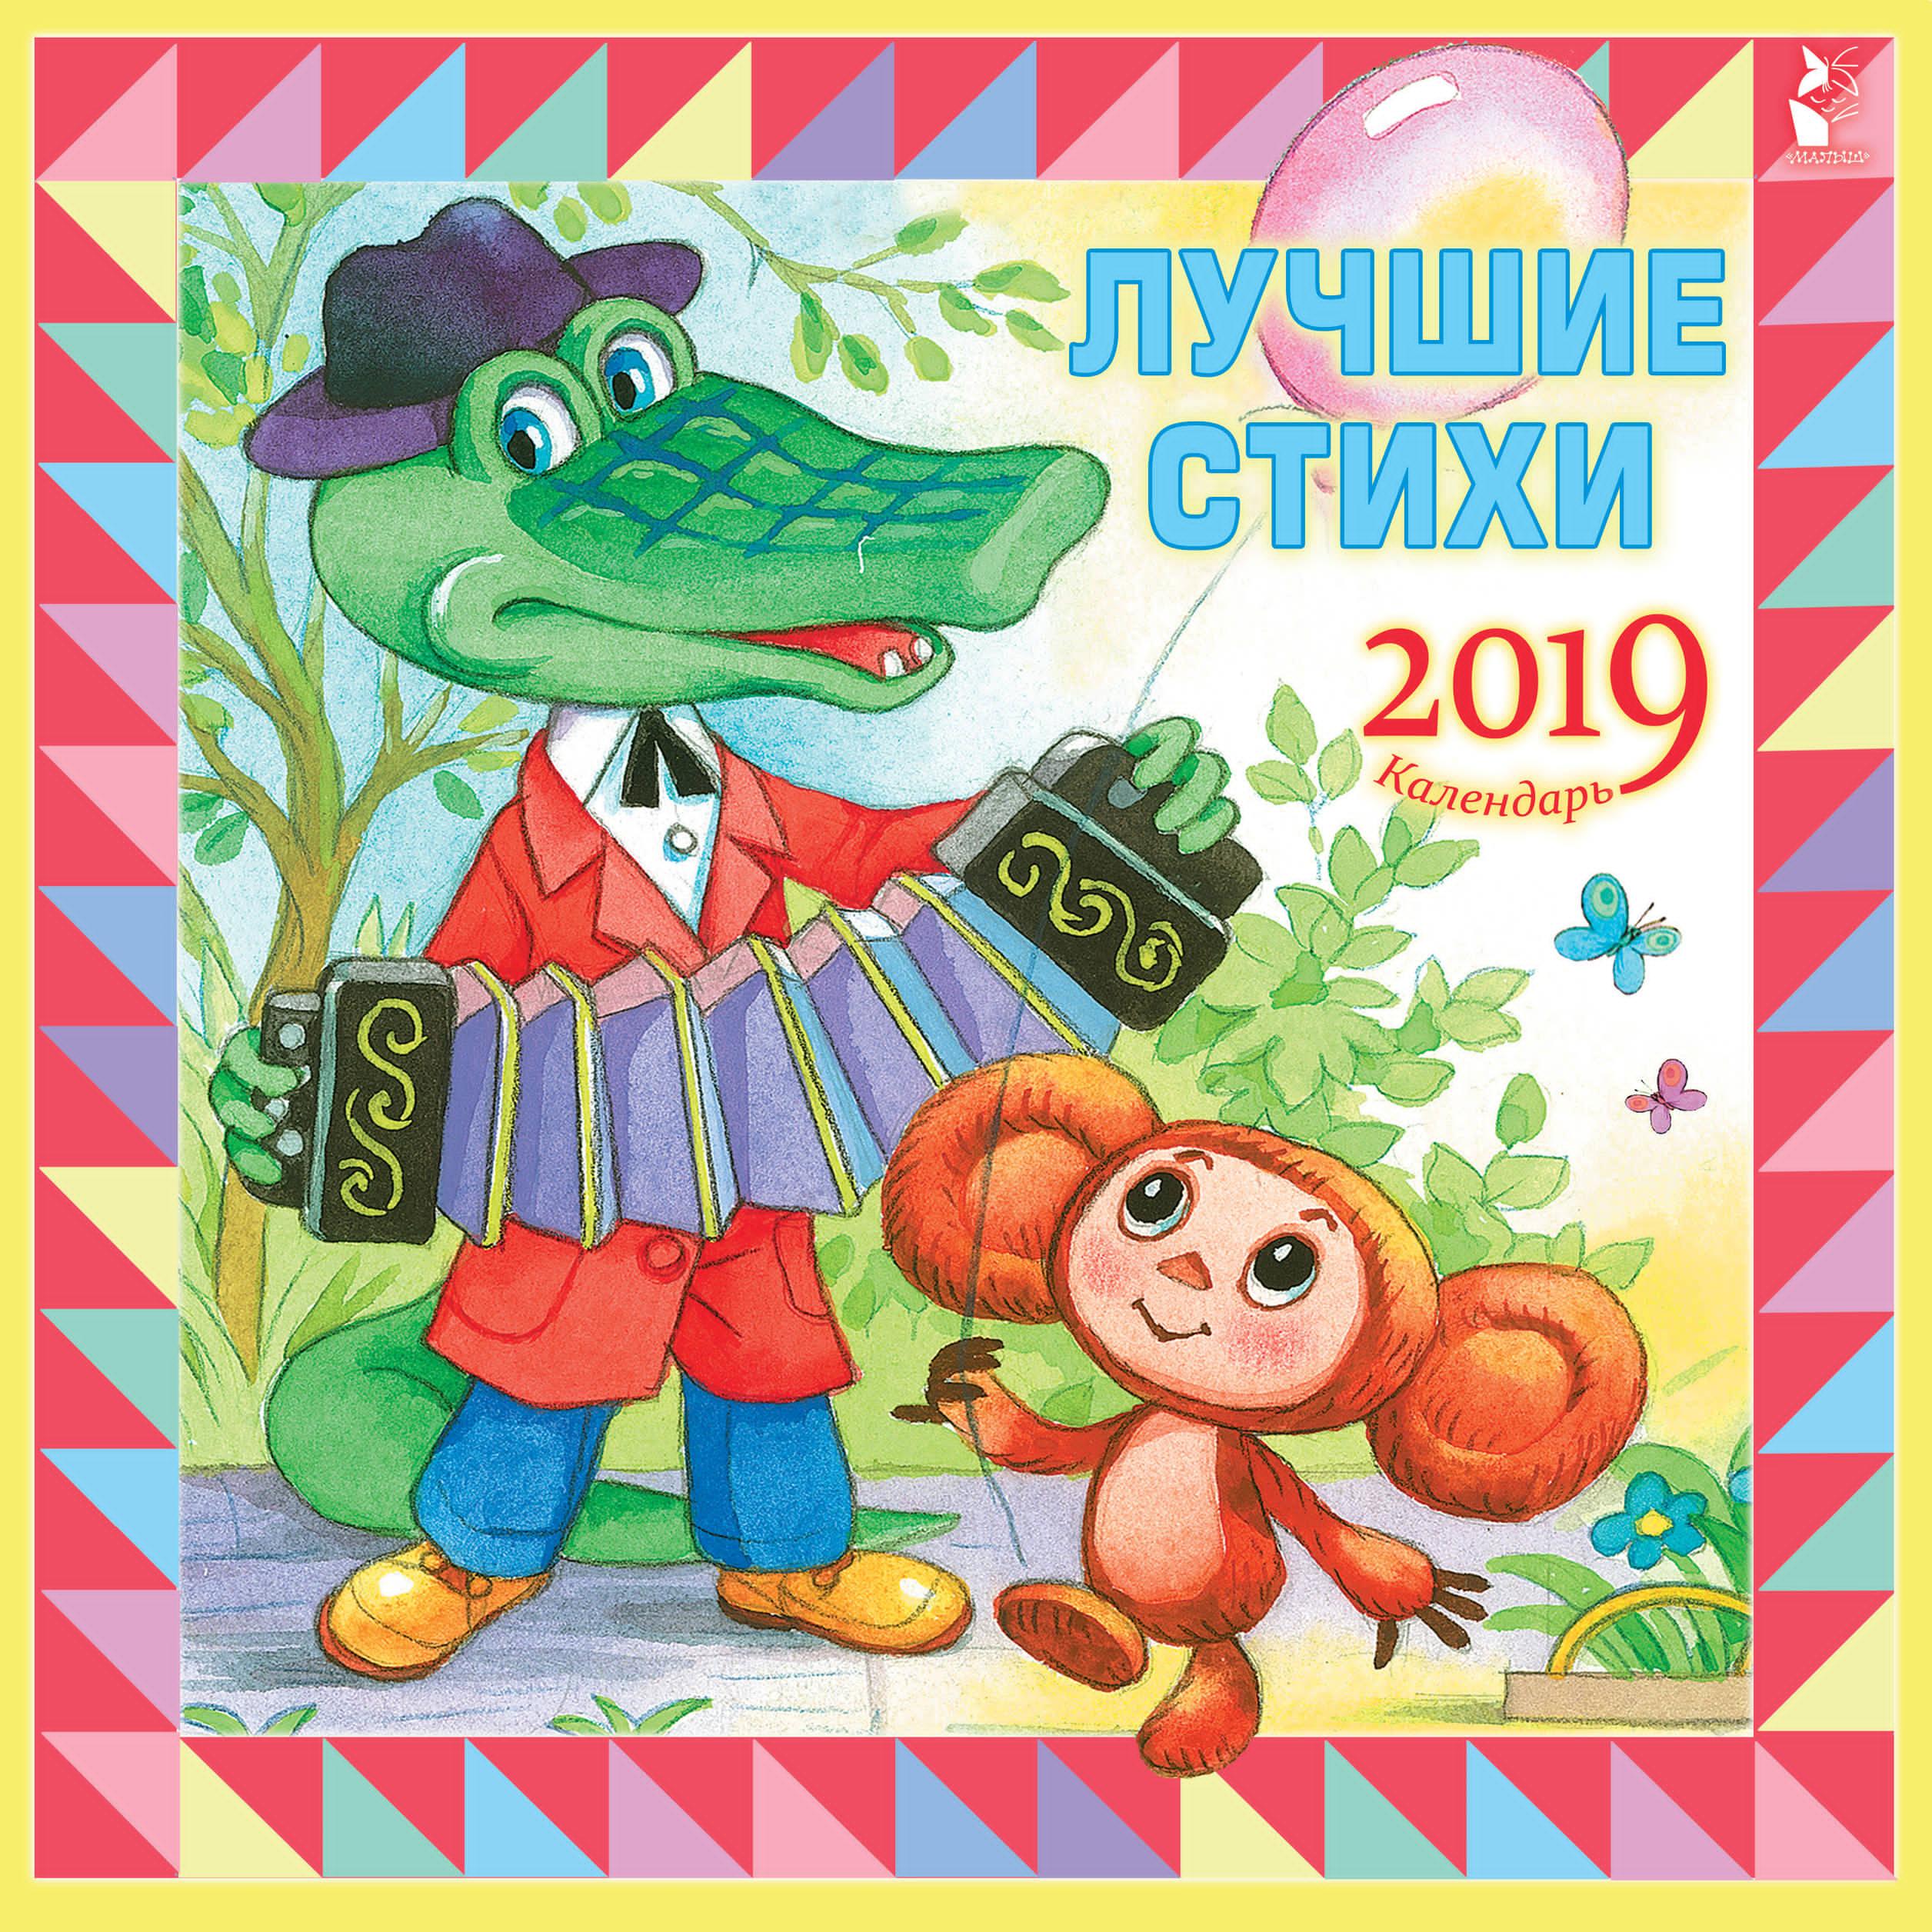 Картинки для, открытки с крокодилом геной